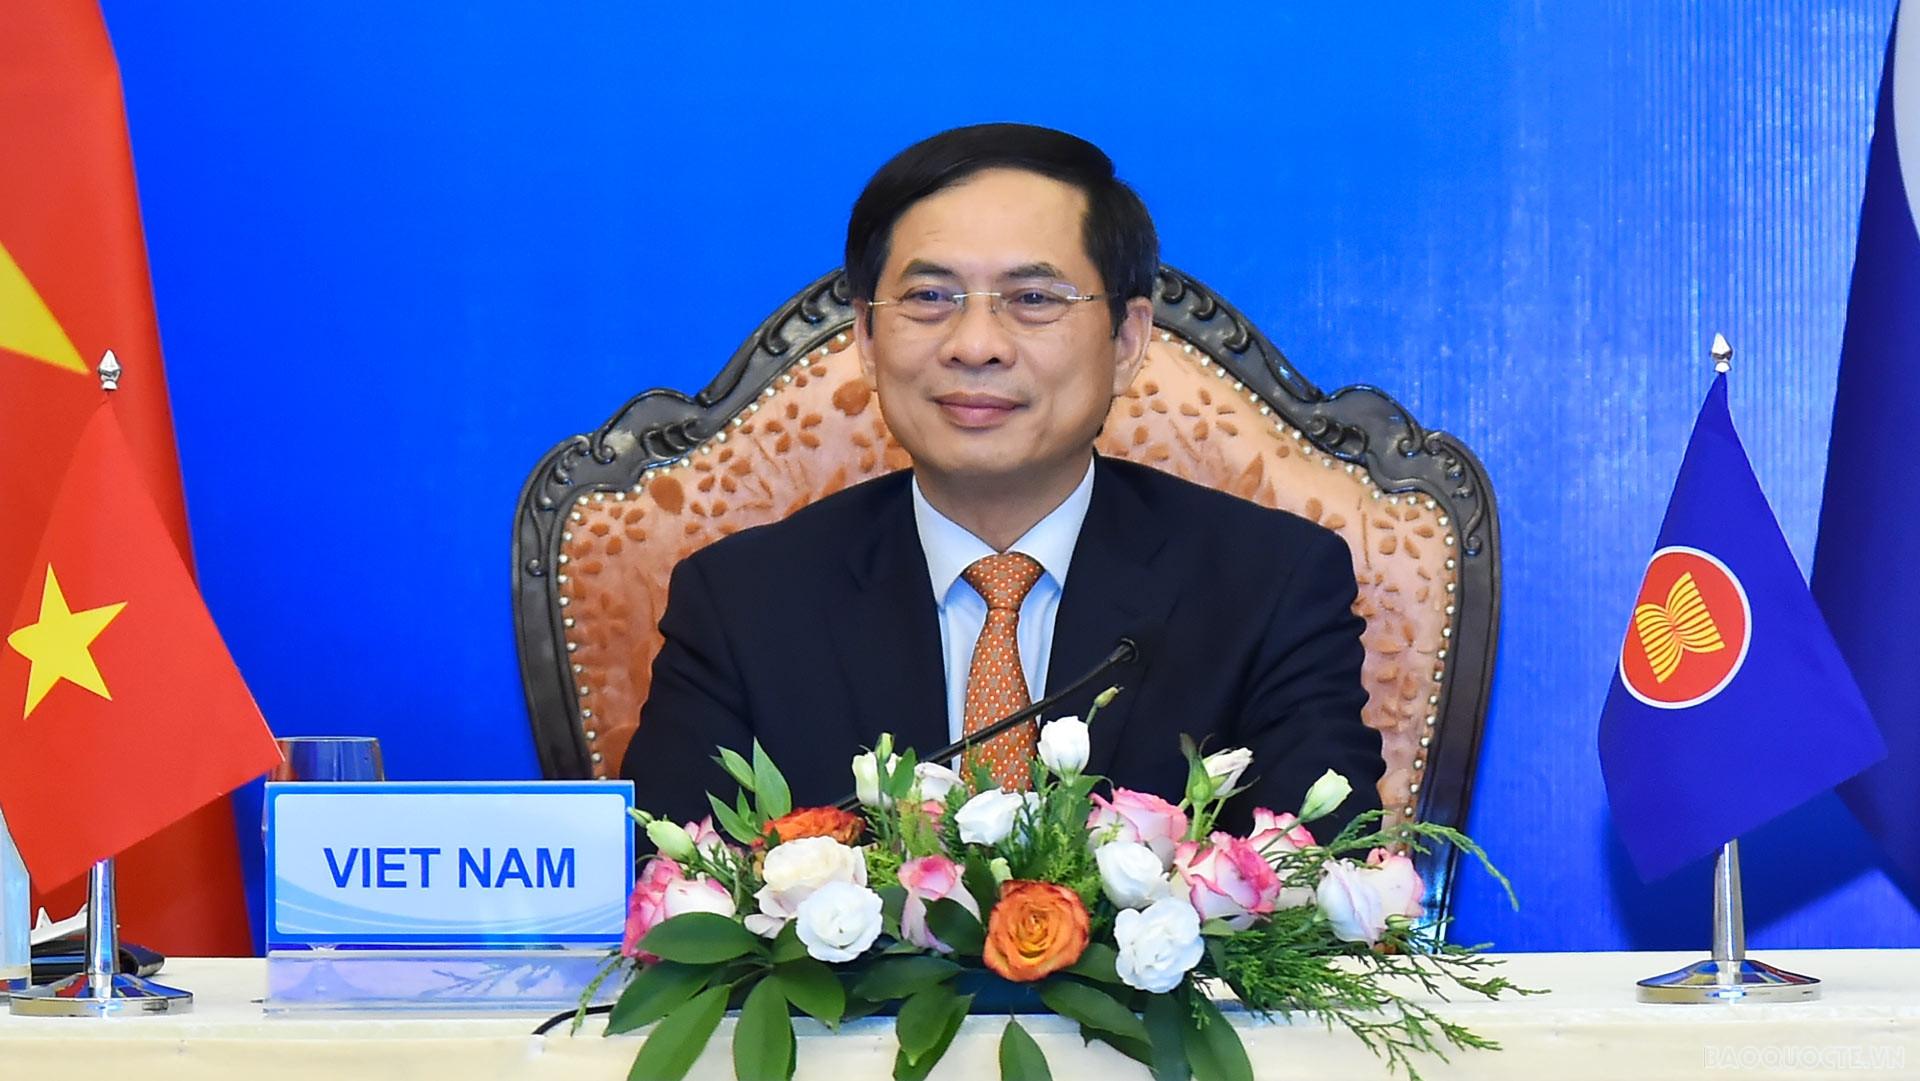 ASEAN-Ấn Độ đoàn kết và tương trợ lẫn nhau trong ứng phó Covid-19, phối hợp thúc đẩy tự cường chuỗi cung ứng